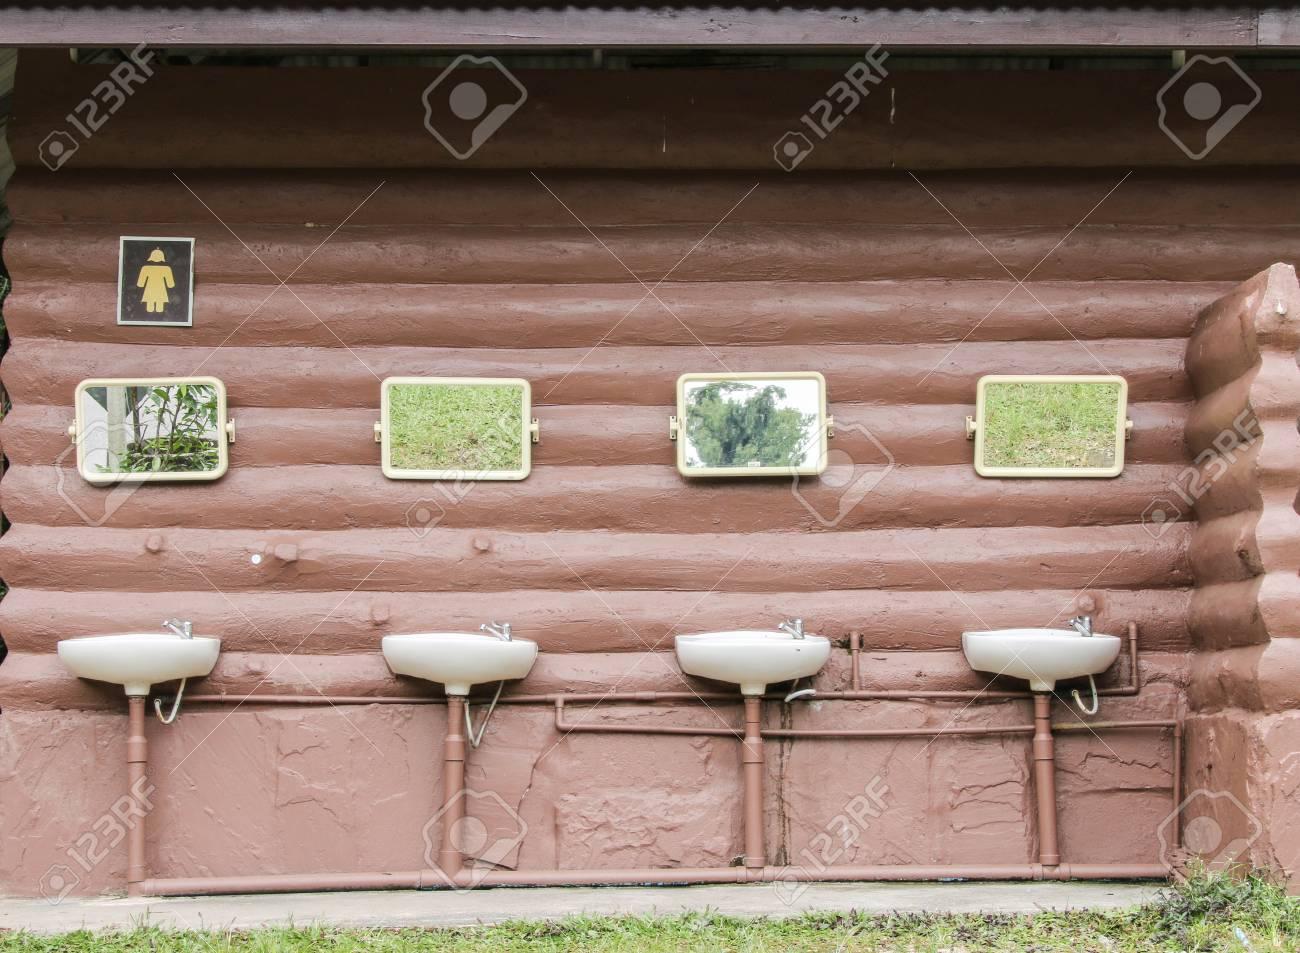 Baños (inglés: cuarto de baño) una sala que se utiliza para la higiene  personal. La mayoría de la gente tiene una bañera o ducha y algunas veces  ...